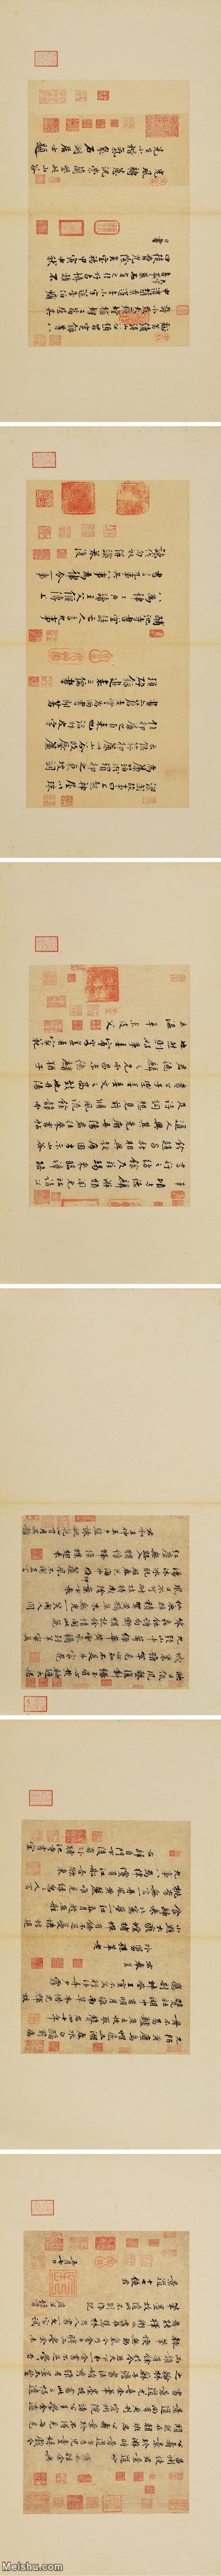 【打印级】SF6031230书法长卷宋-黃庭坚-致景道十七使君尺牘法书图片-65M-16384X1407.jpg